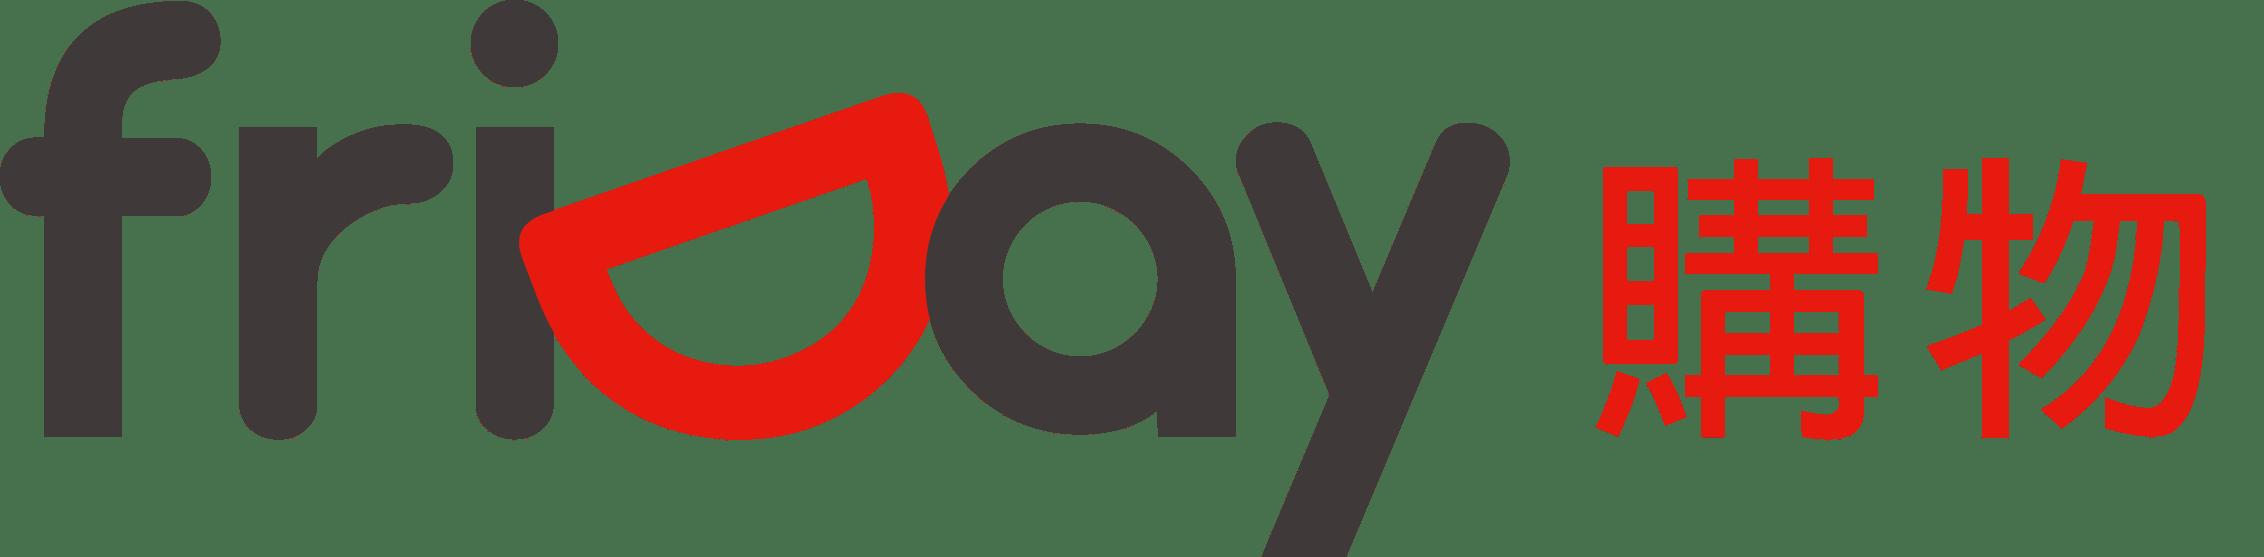 friDay購物xGoHappy